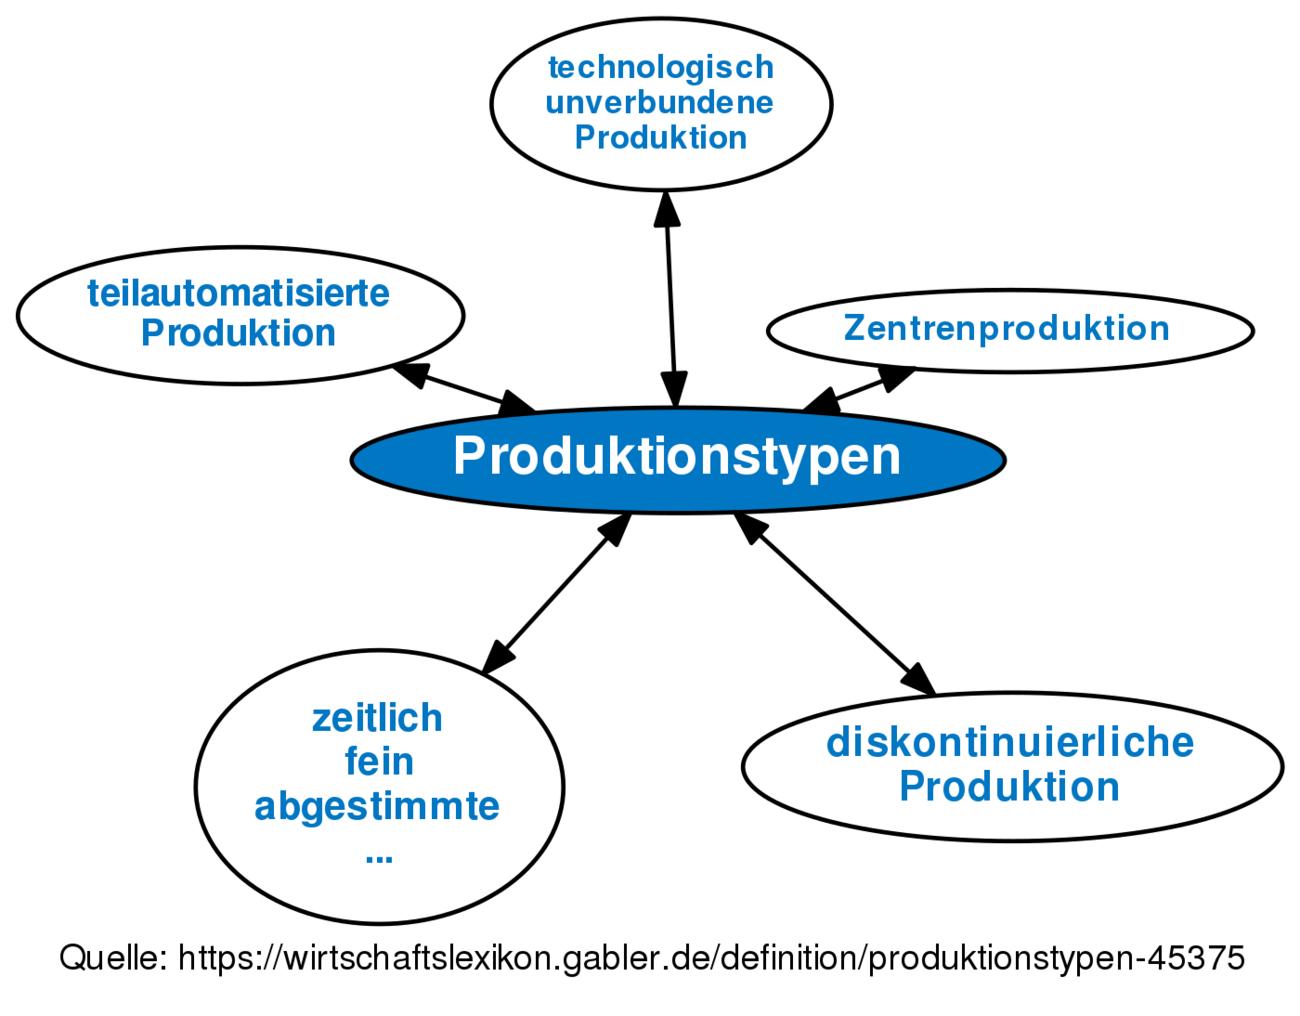 ᐅ Produktionstypen • Definition im Gabler Wirtschaftslexikon Online